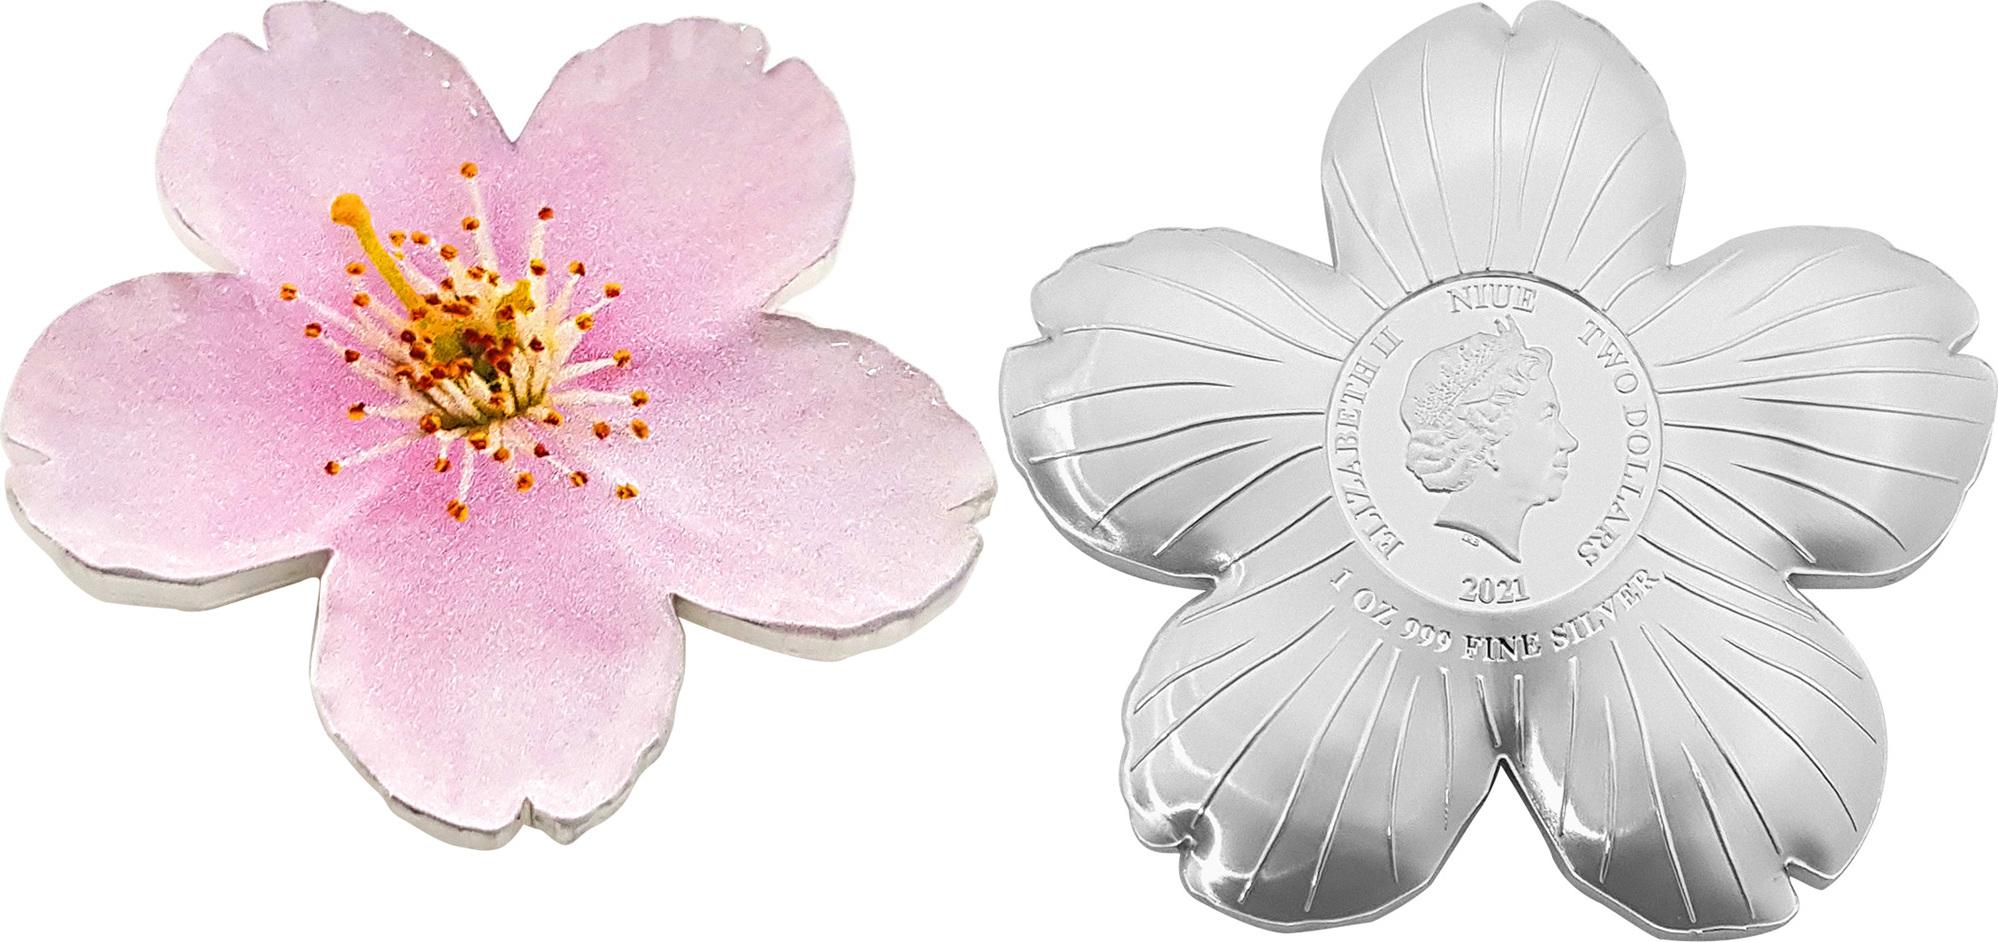 niue-2021-fleur-de-cerisier